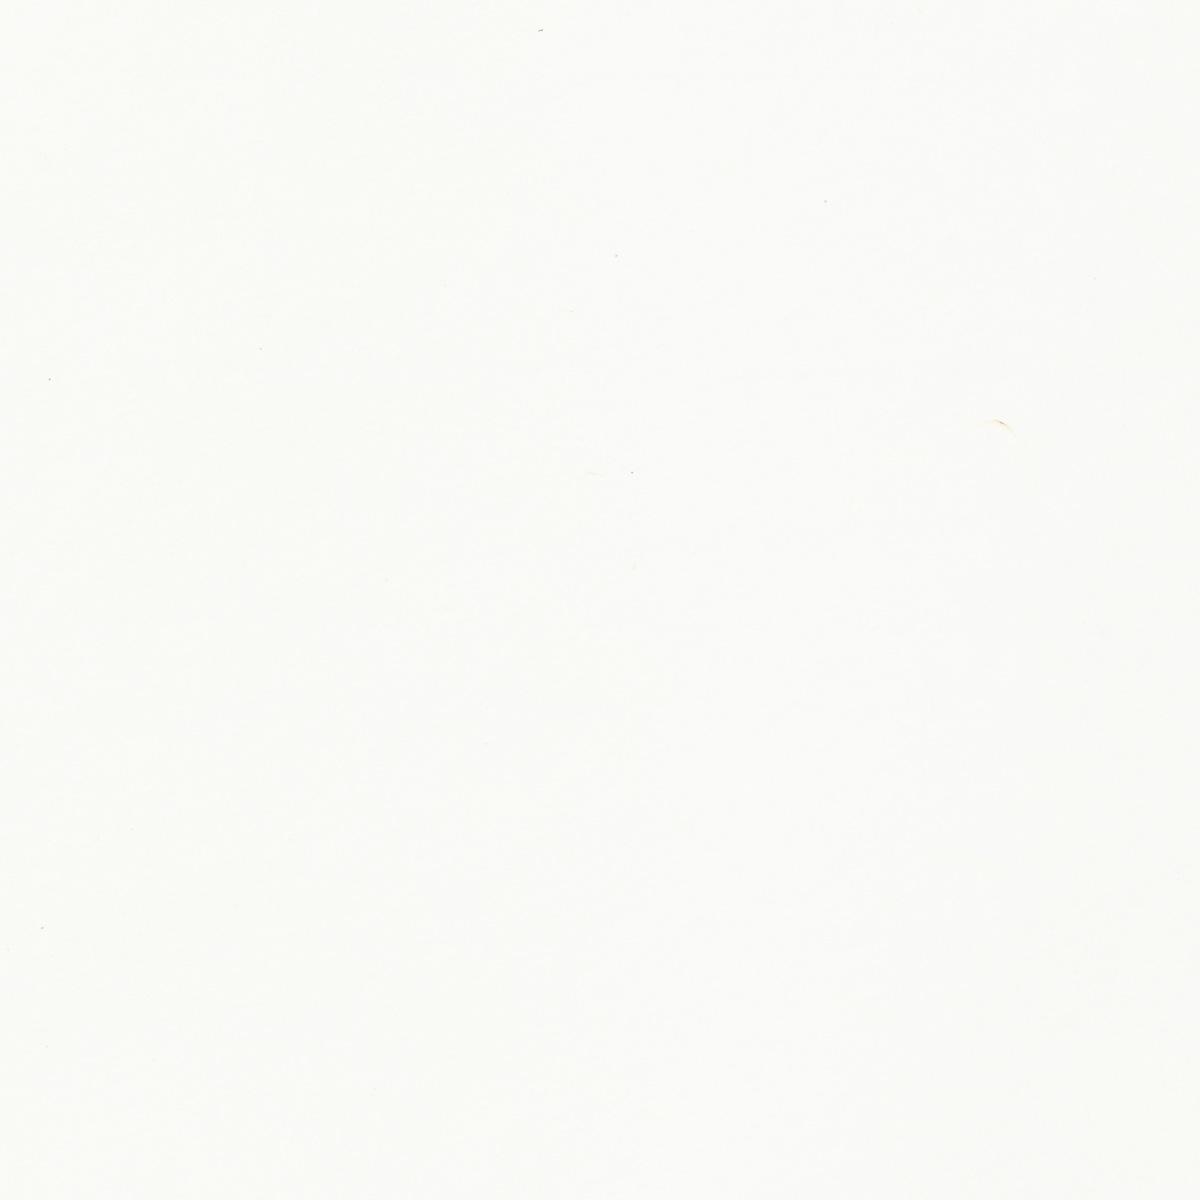 黒谷 生漉 3.5匁 未晒